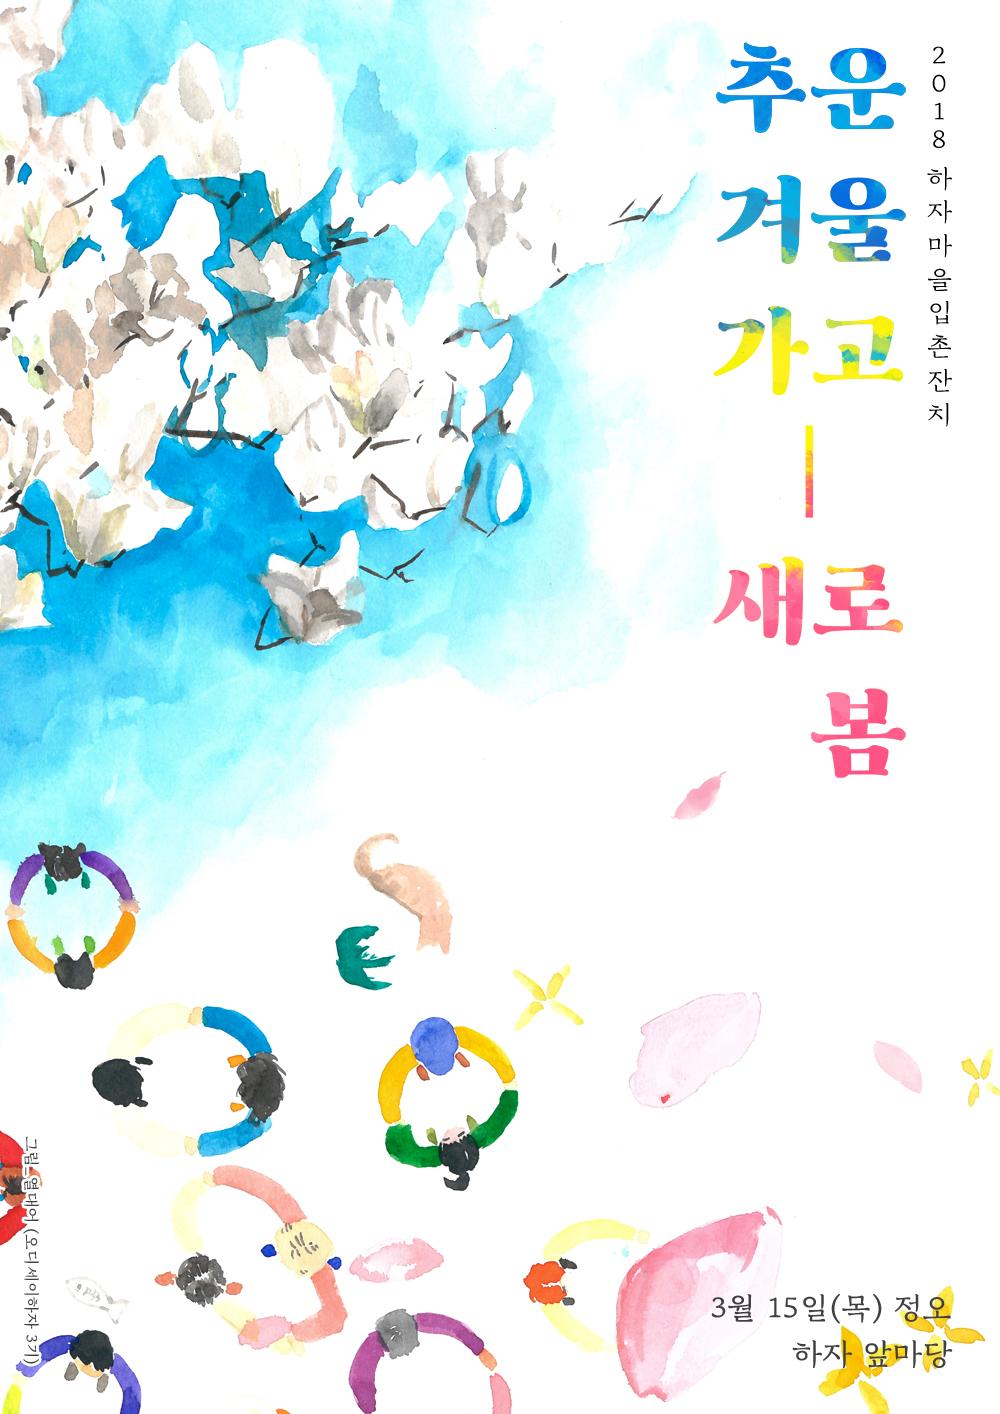 입촌식 포스터_웹용.jpg